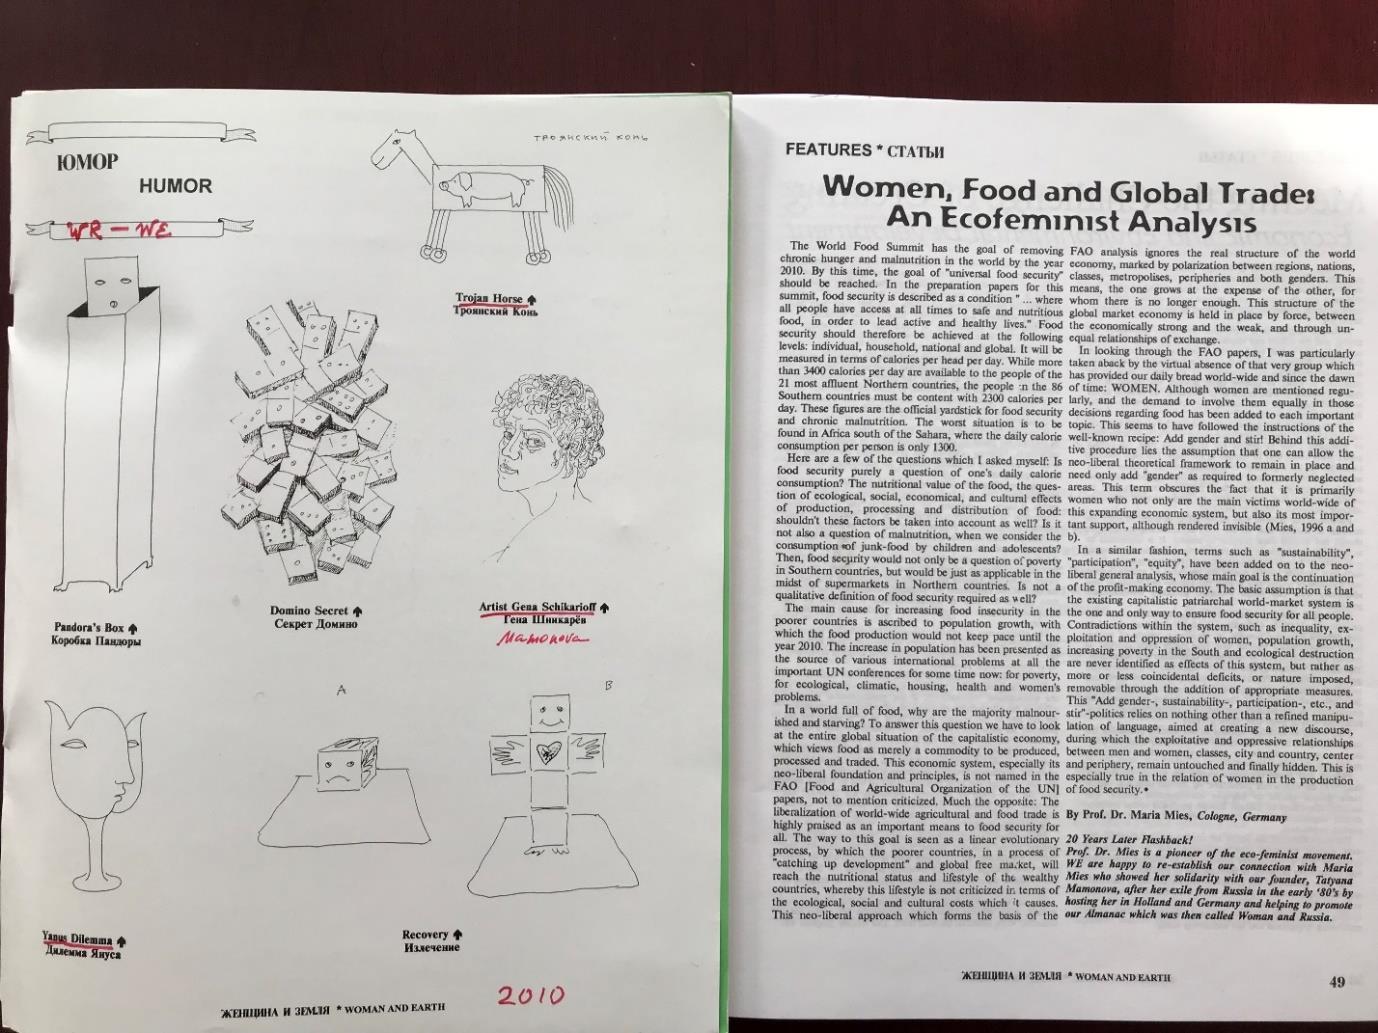 Страница из журнала Женщина и земля / Women Earth с текстом Марии Миес 2010 г.